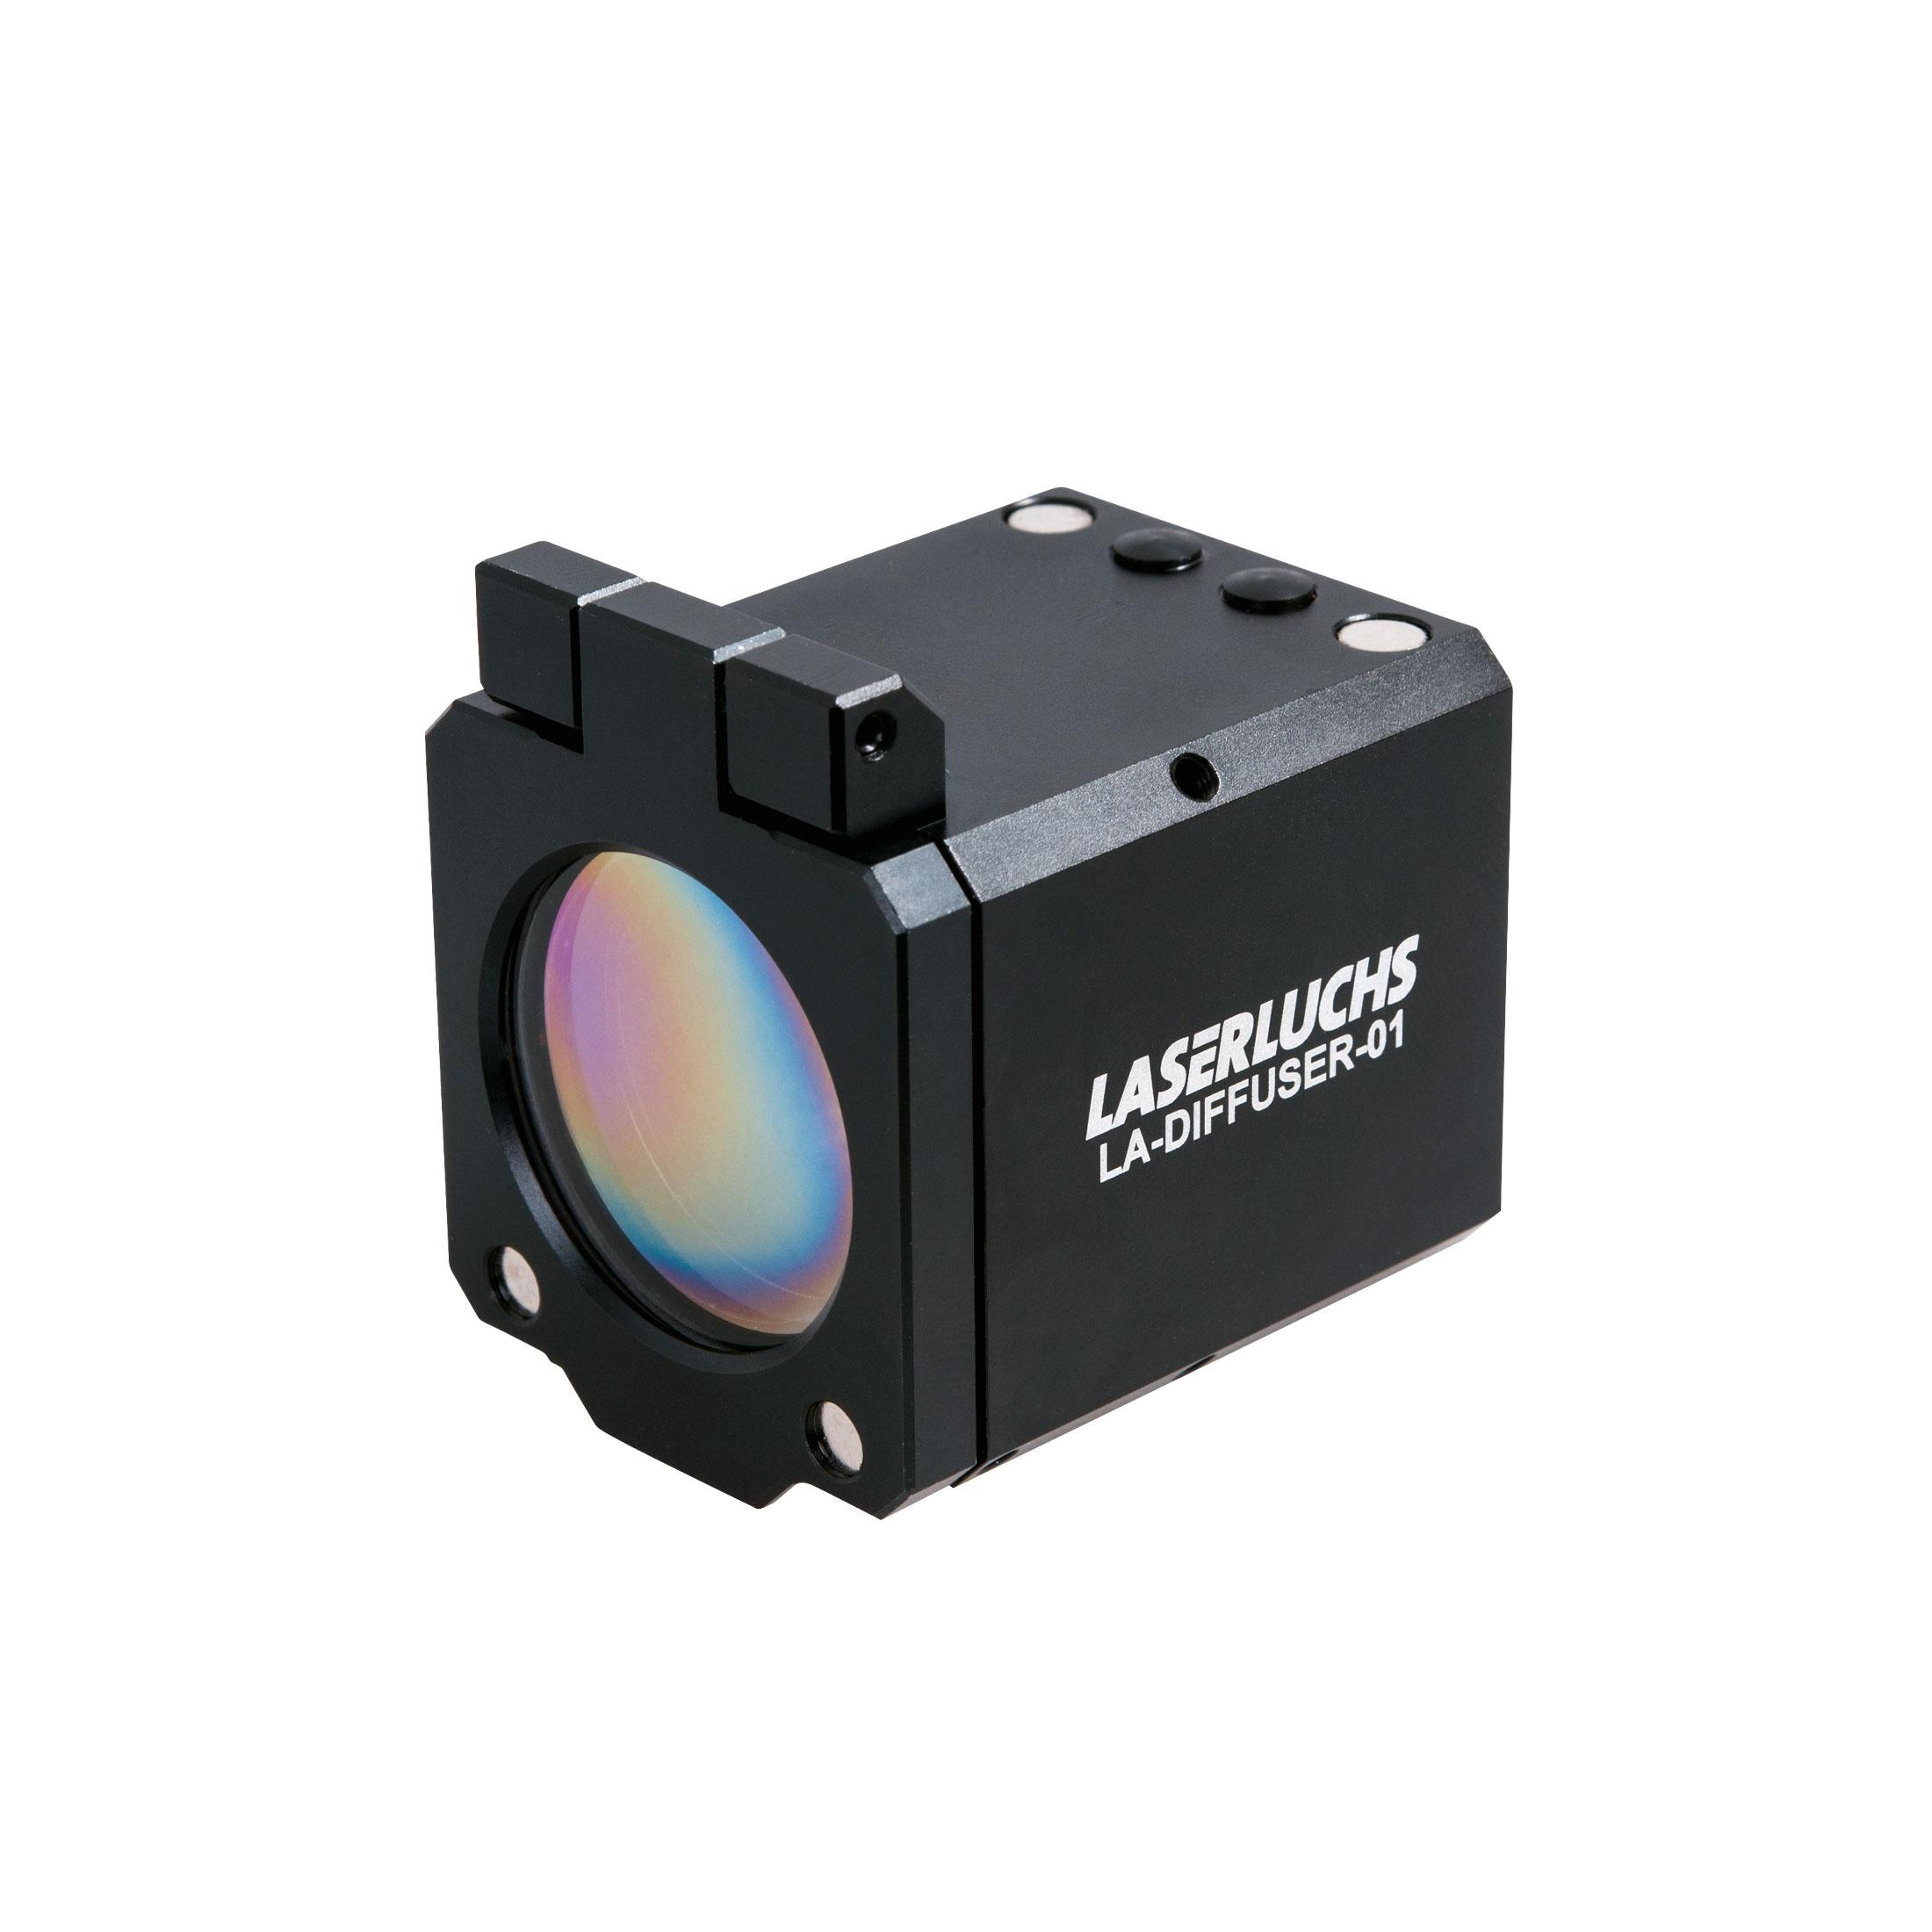 Laserluchs Tactical LA-DIFFUSER-01